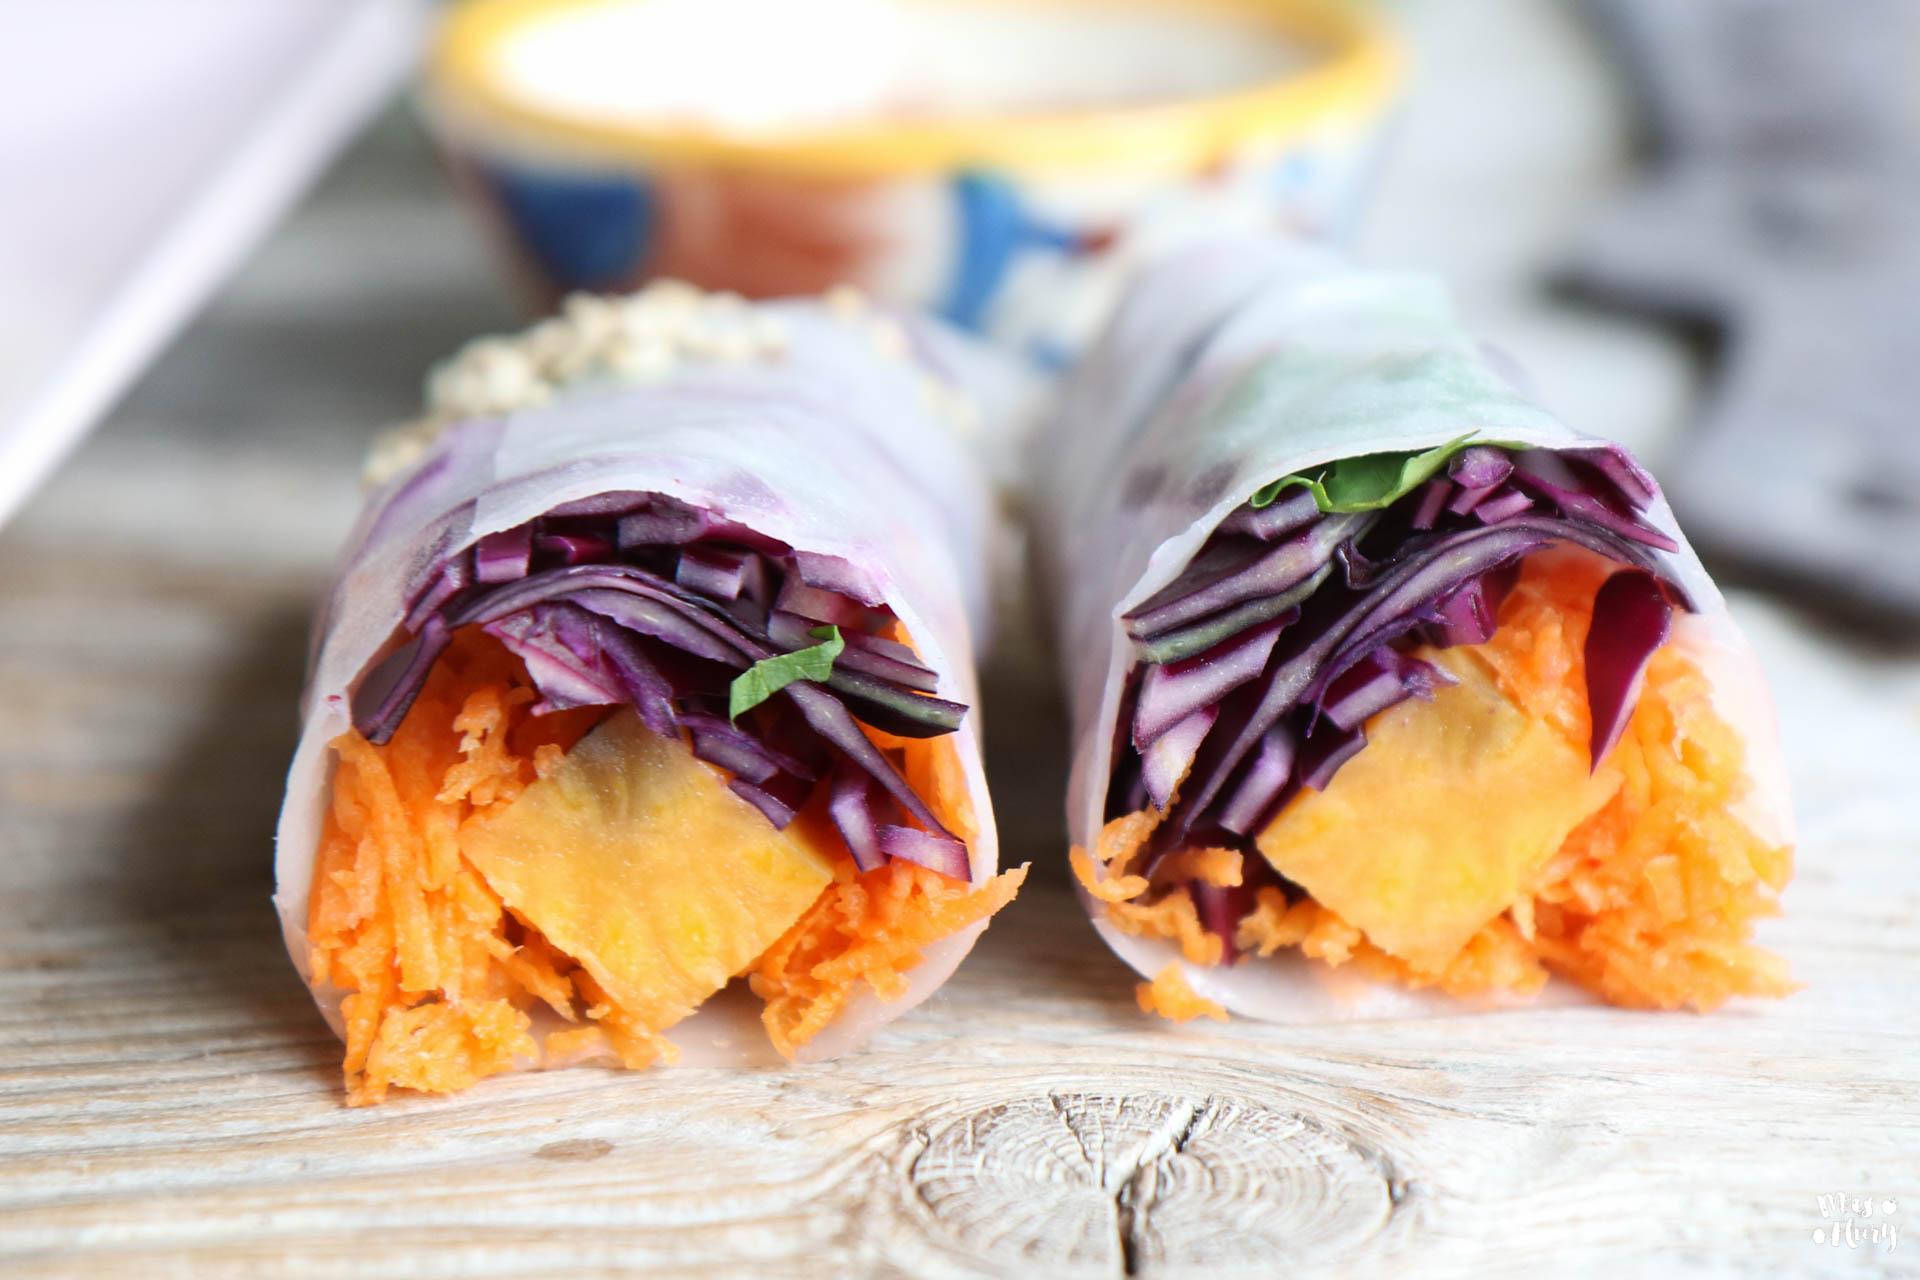 summer rolls rezept schneller und gesunder snack mrs flury gesund essen leben. Black Bedroom Furniture Sets. Home Design Ideas